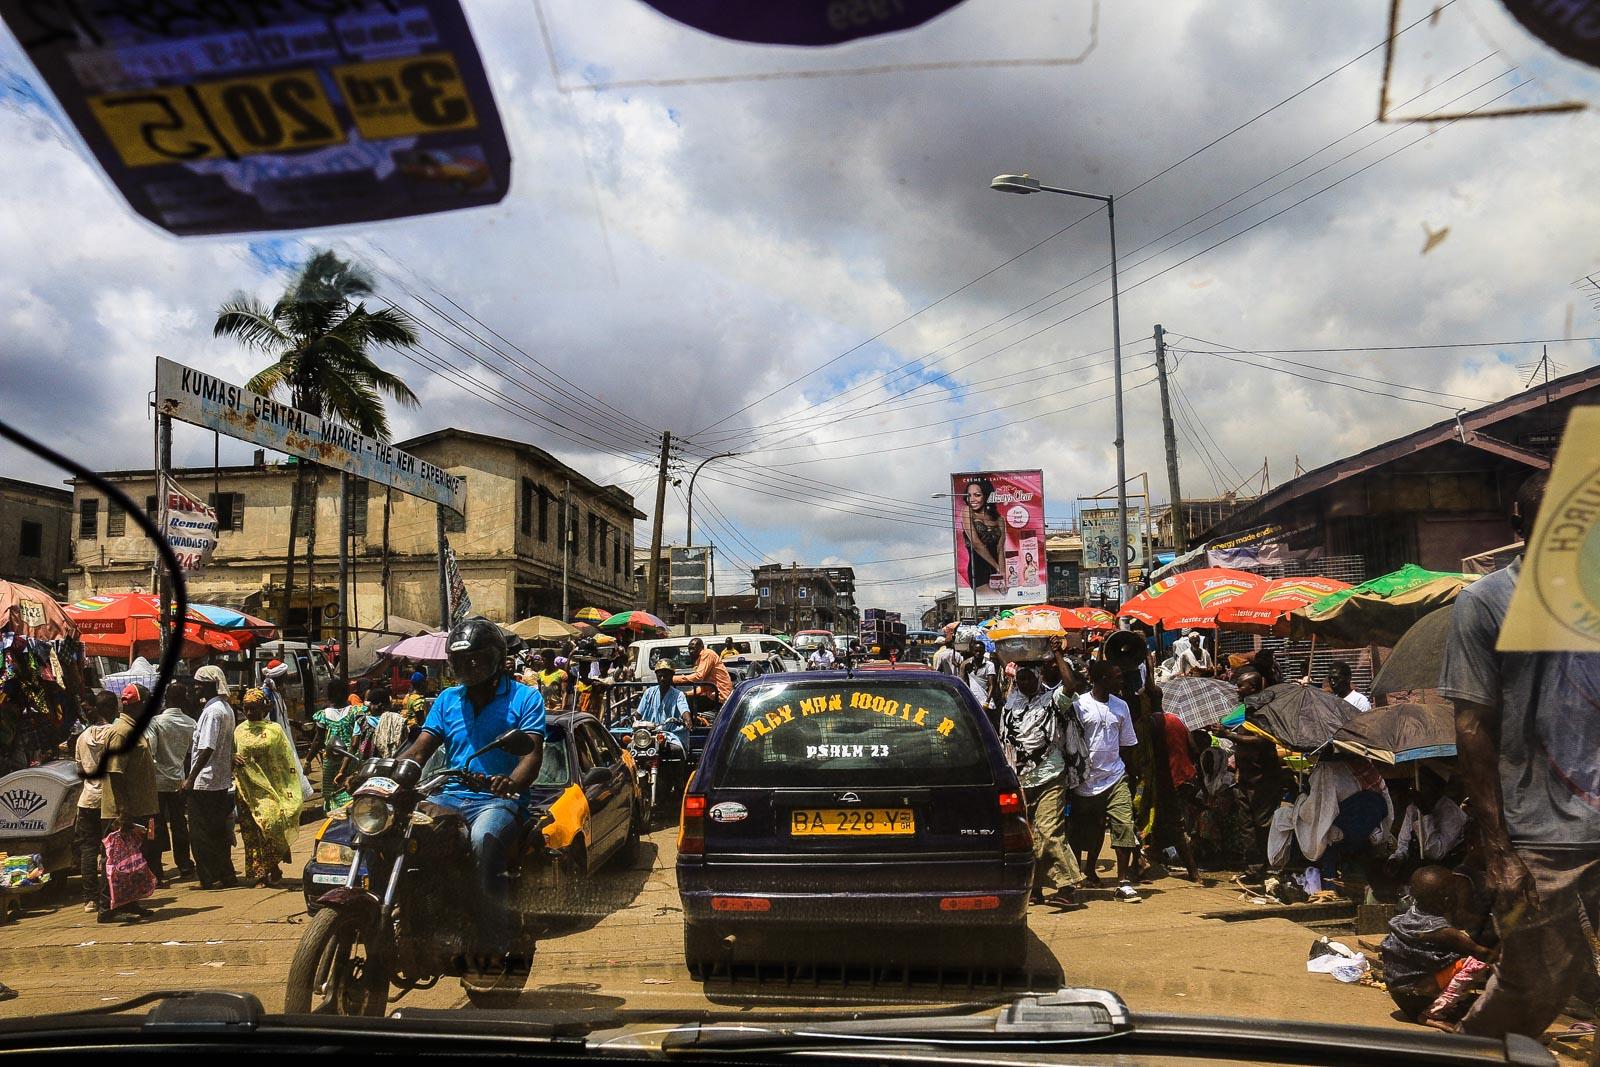 In der Innenstadt von Kumasi ist das Fahren ein ständiges Stop and Go. Nachts kann es zudem noch gefährlich werden, da gelegentlich auch Taxifahrer Fahrgäste ausrauben.